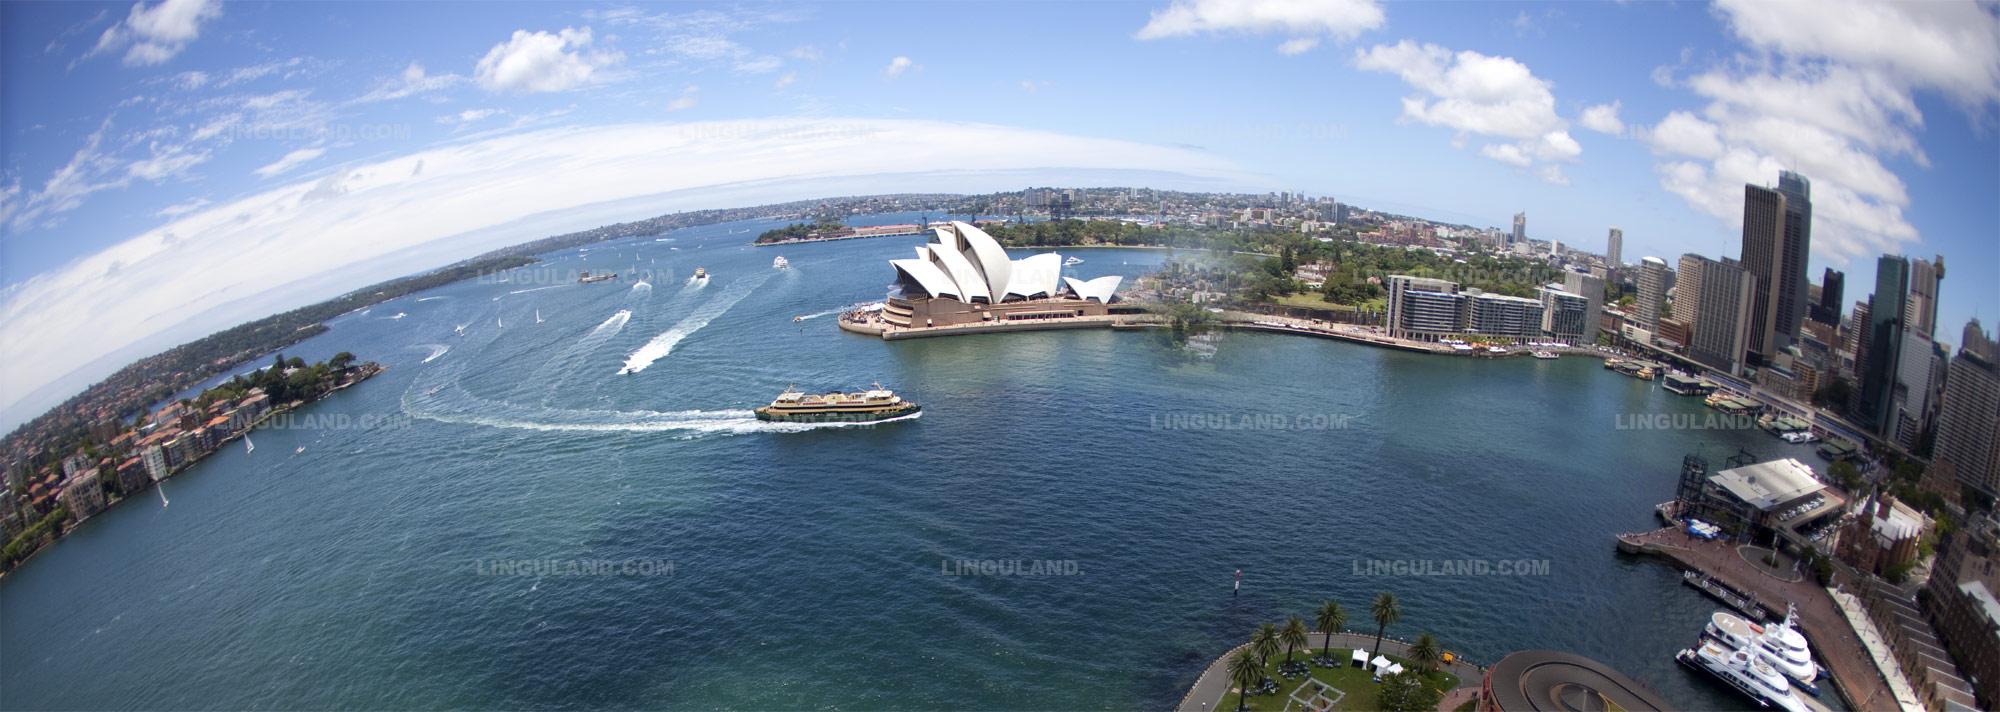 Séjour linguistique à Sydney